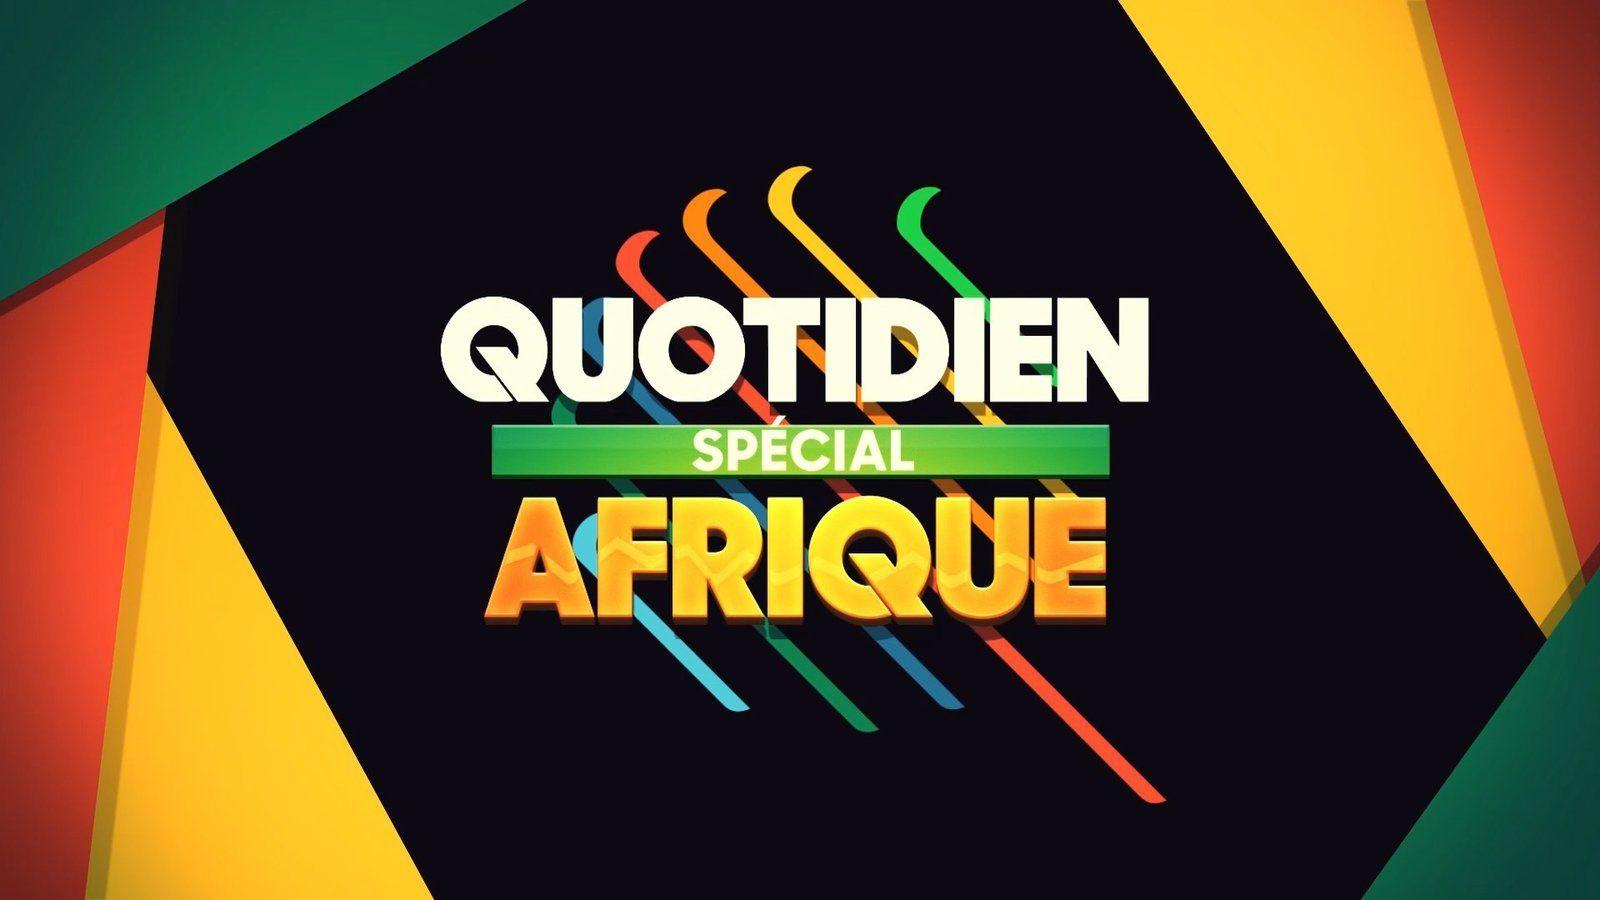 Quotidien spécial Afrique, présenté par Martin Weill ce vendredi soir sur TMC